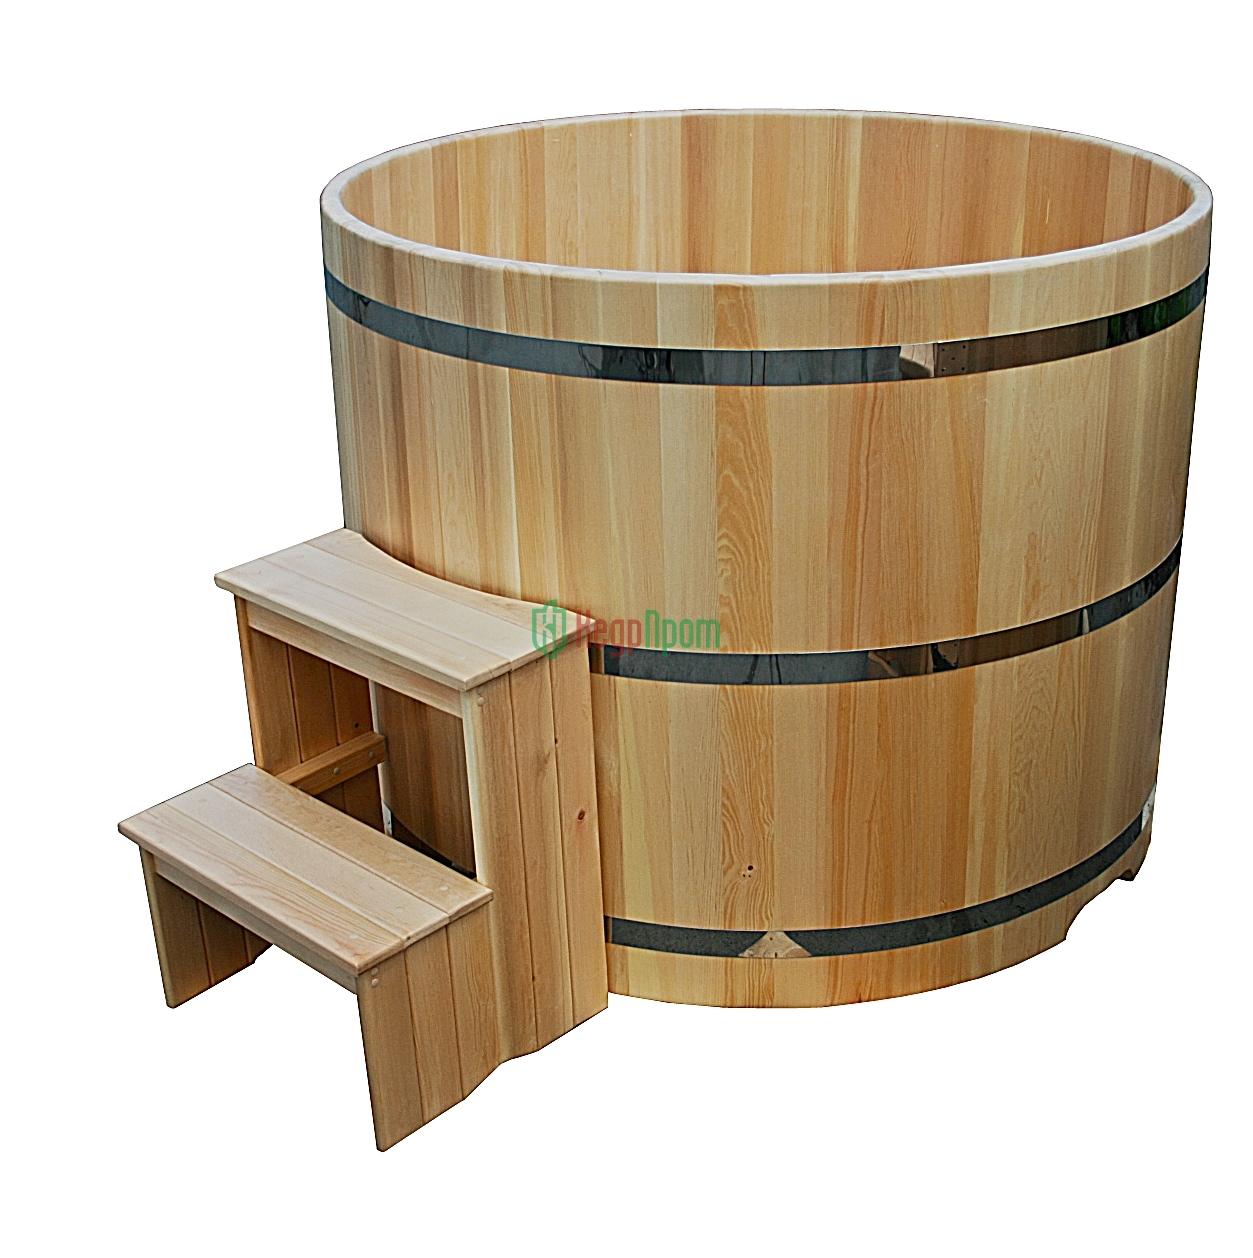 Купель для бани своими руками из полипропилена, размеры, как сделать